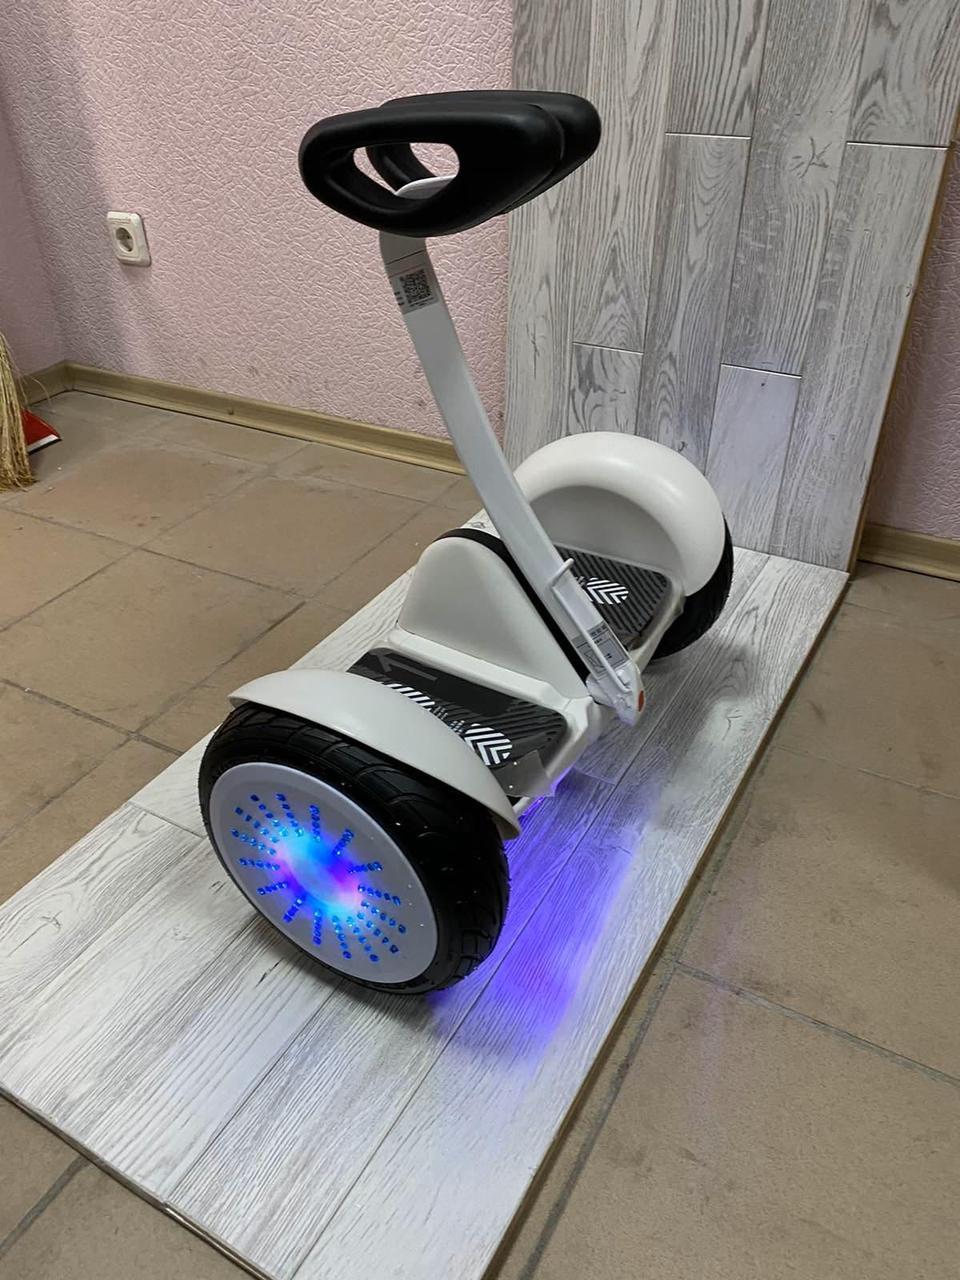 Мини сигвей гироскутер Ninebot Mini Robot 36V Белый White Міні-сігвей гіроскутер Білий. Найнбот мини Робот